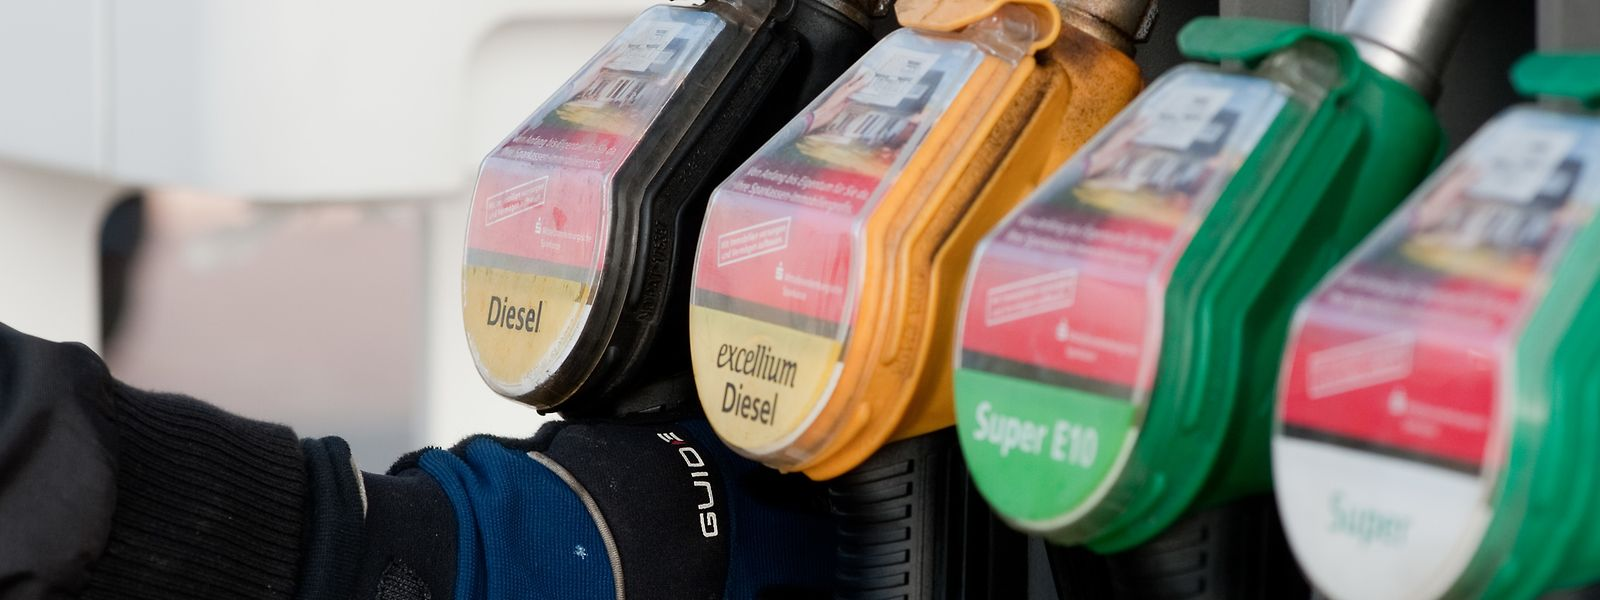 Gewohnter Griff: Doch für Sprit müssen Autofahrer seit Jahresbeginn tiefer in die Tasche greifen. Nicht nur wegen der Lage auf dem Weltmarkt, auch die neue CO2-Steuer trägt zur Verteuerung mit bei.